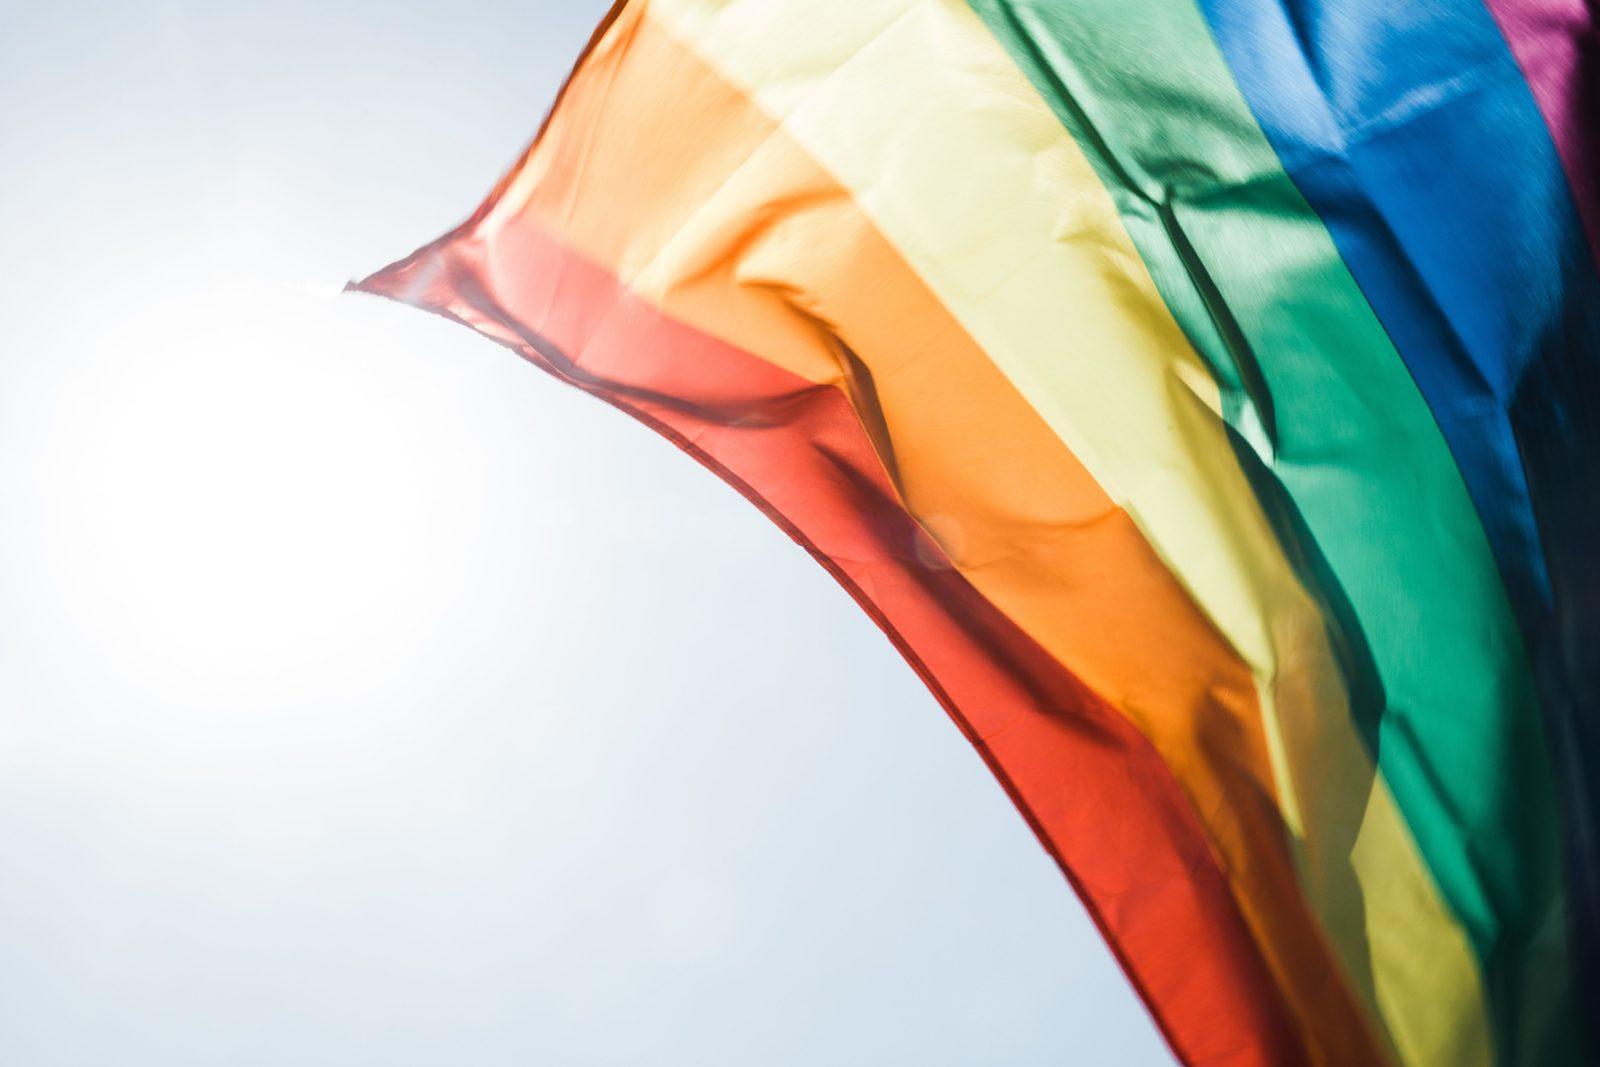 Le Sénat débat une loi visant à radier des condamnations constituant des injustices envers la communauté LGBTQ2 canadienne